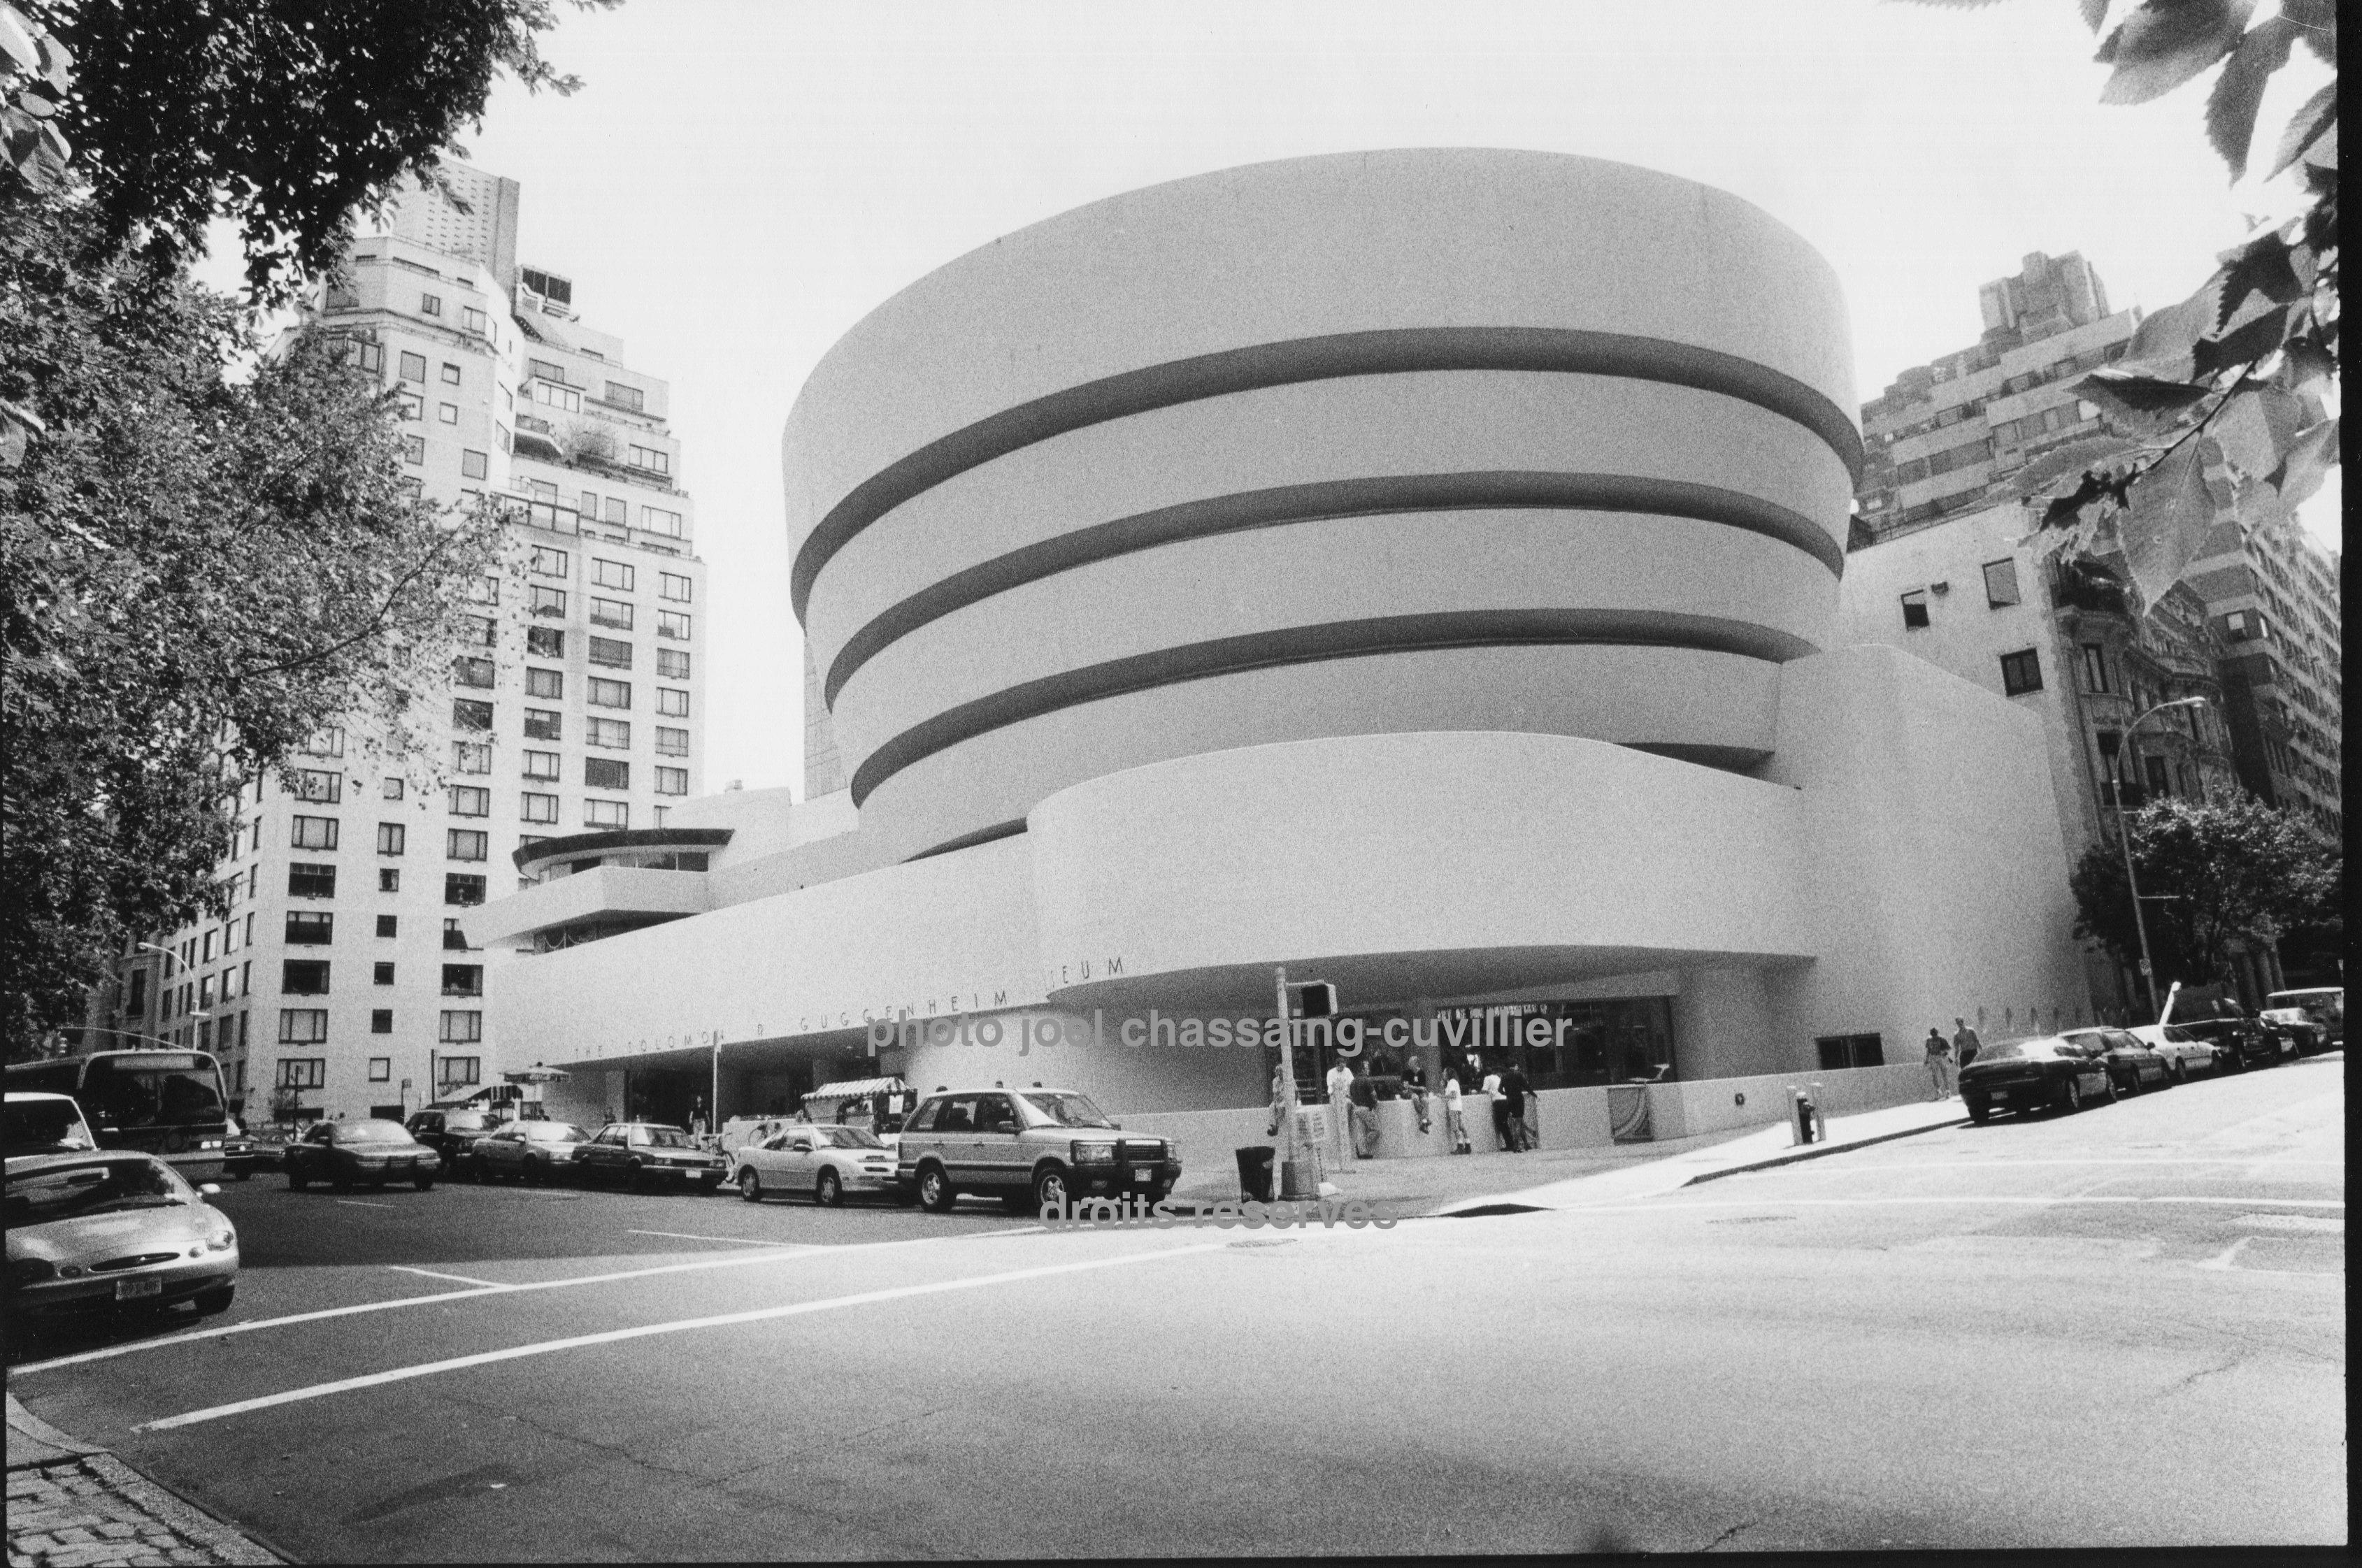 Guggenheim, museum New York